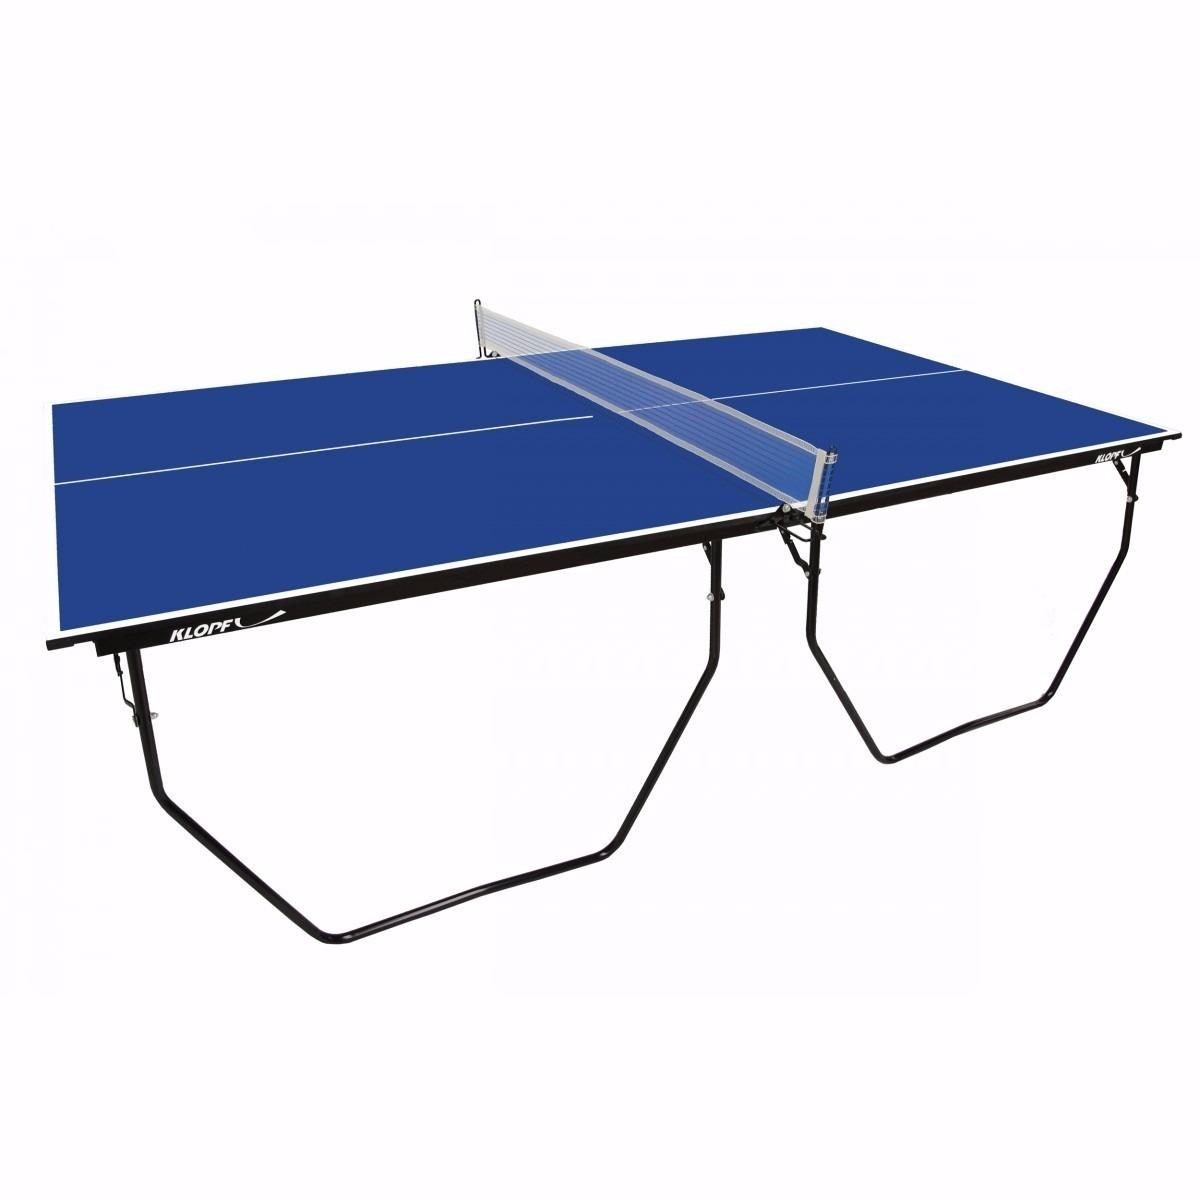 Mesa de ping pong t nis mesa klopf 1007 mdp 15mm for Mesa de ping pong milanuncios